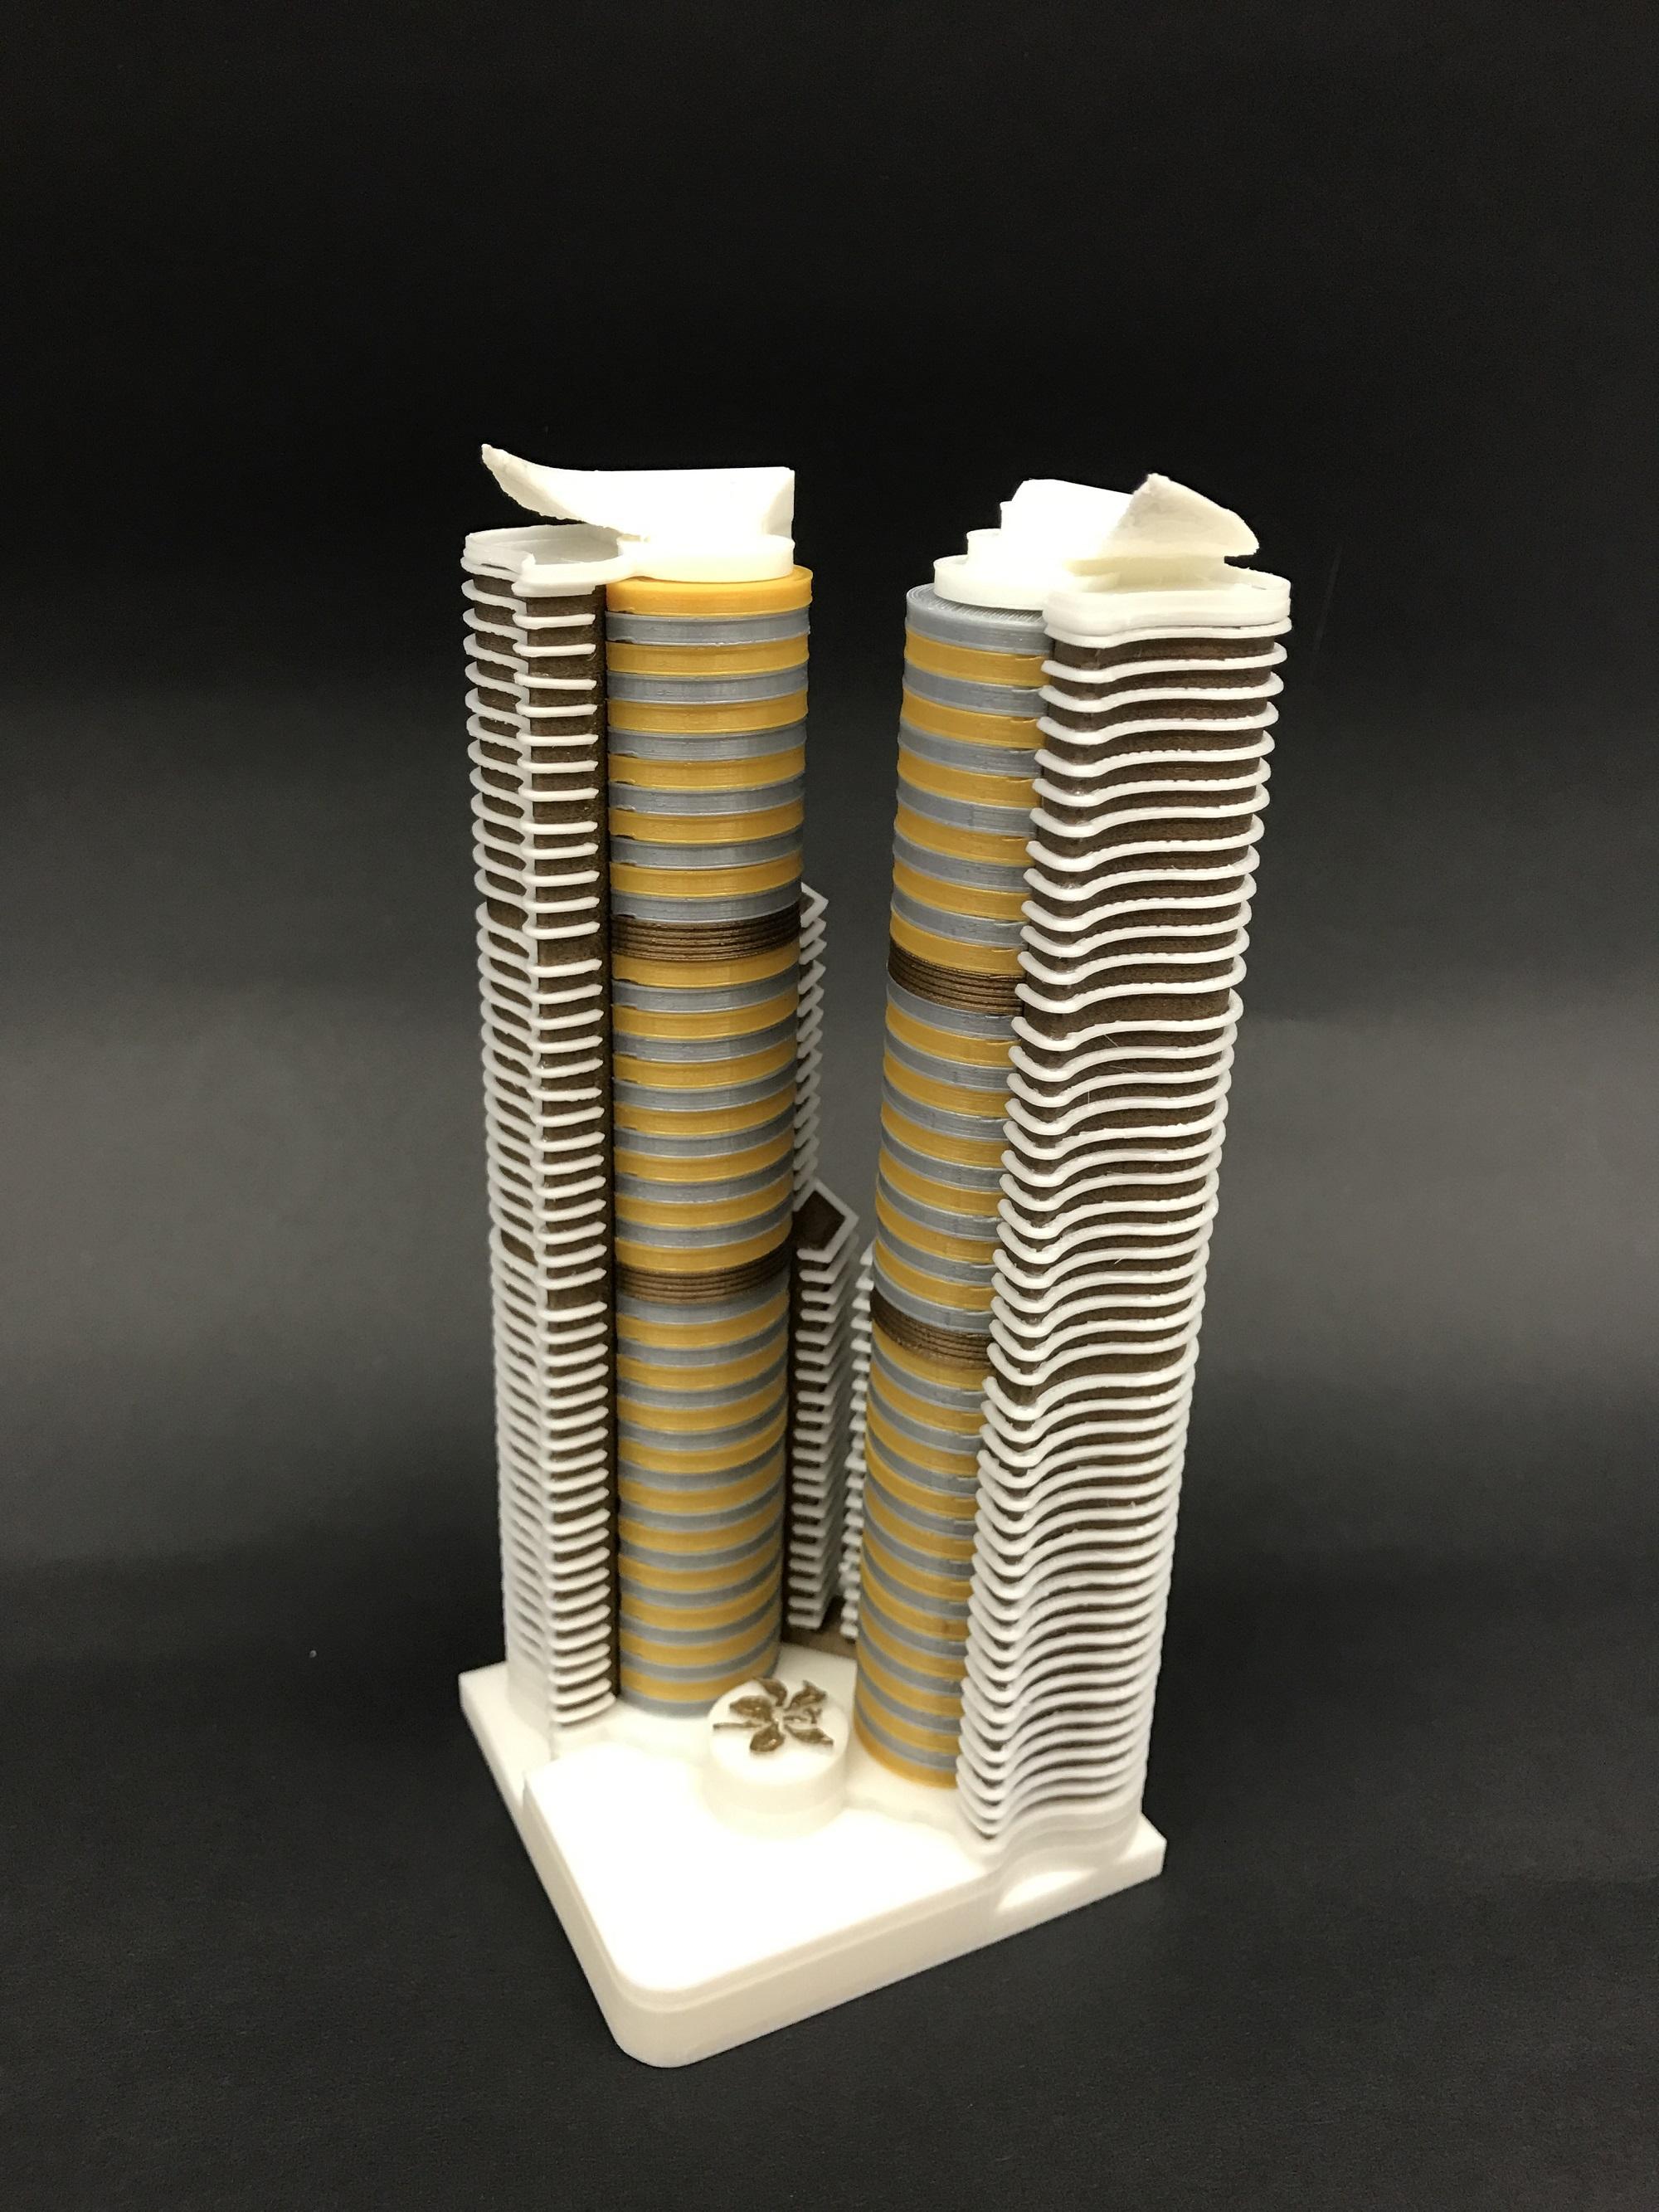 天主教慈幼會伍少梅中學的3D打印比賽銀獎 - 迷人的維港相片10